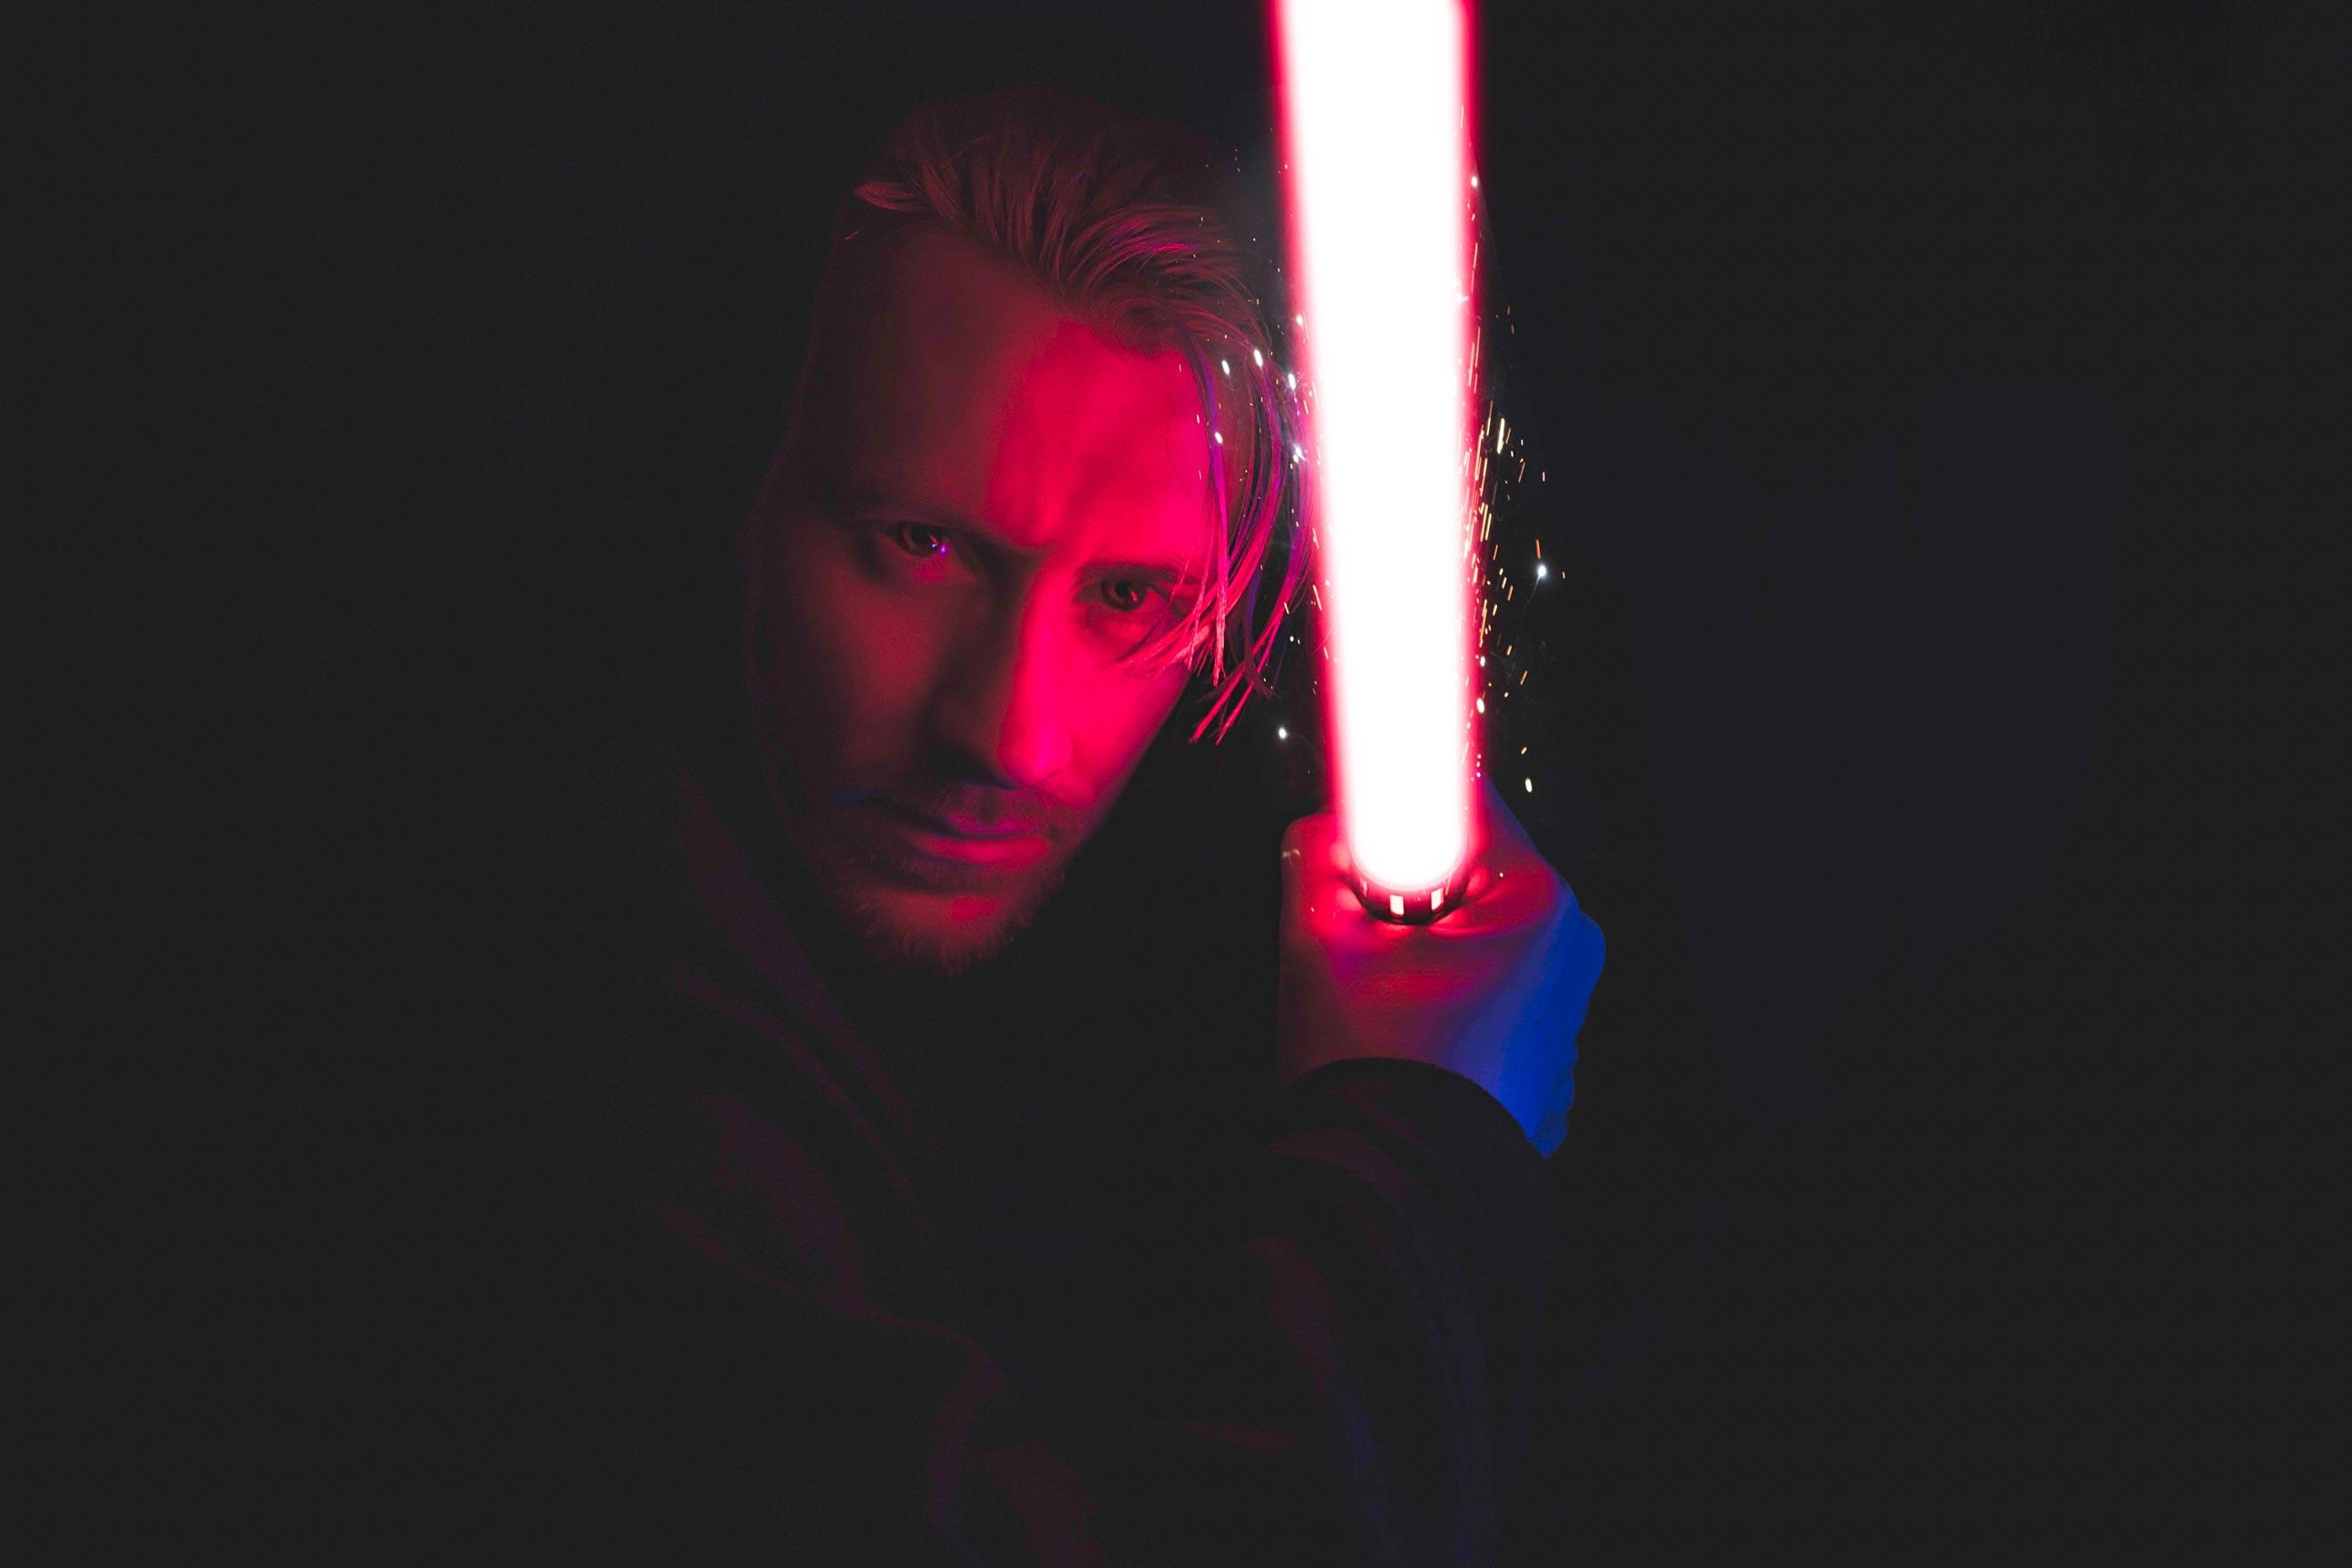 Preparar tu espada láser, llegan las mejores películas de la saga Star Wars